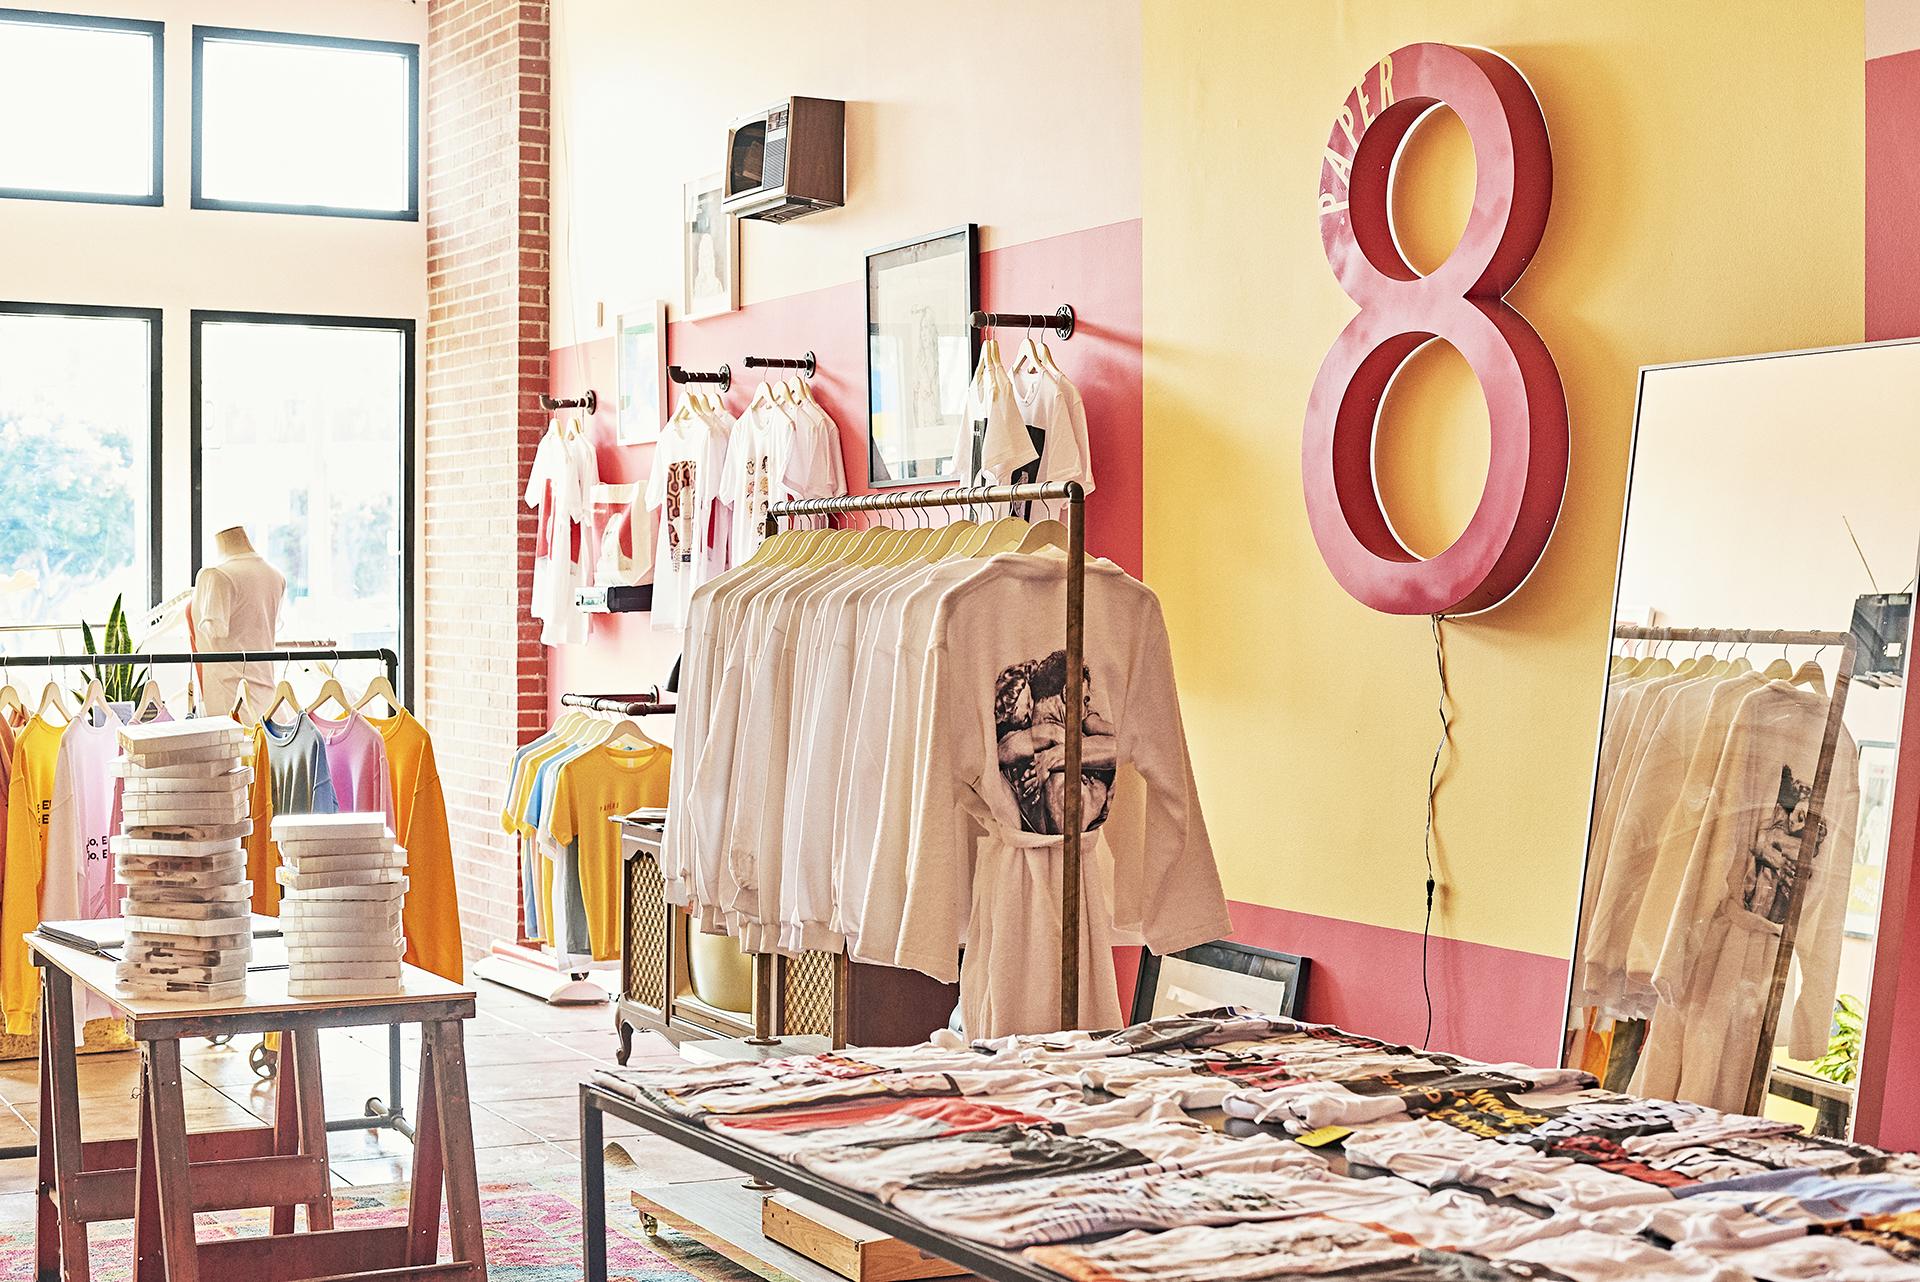 Paper 8 Apparel - Shop Photo